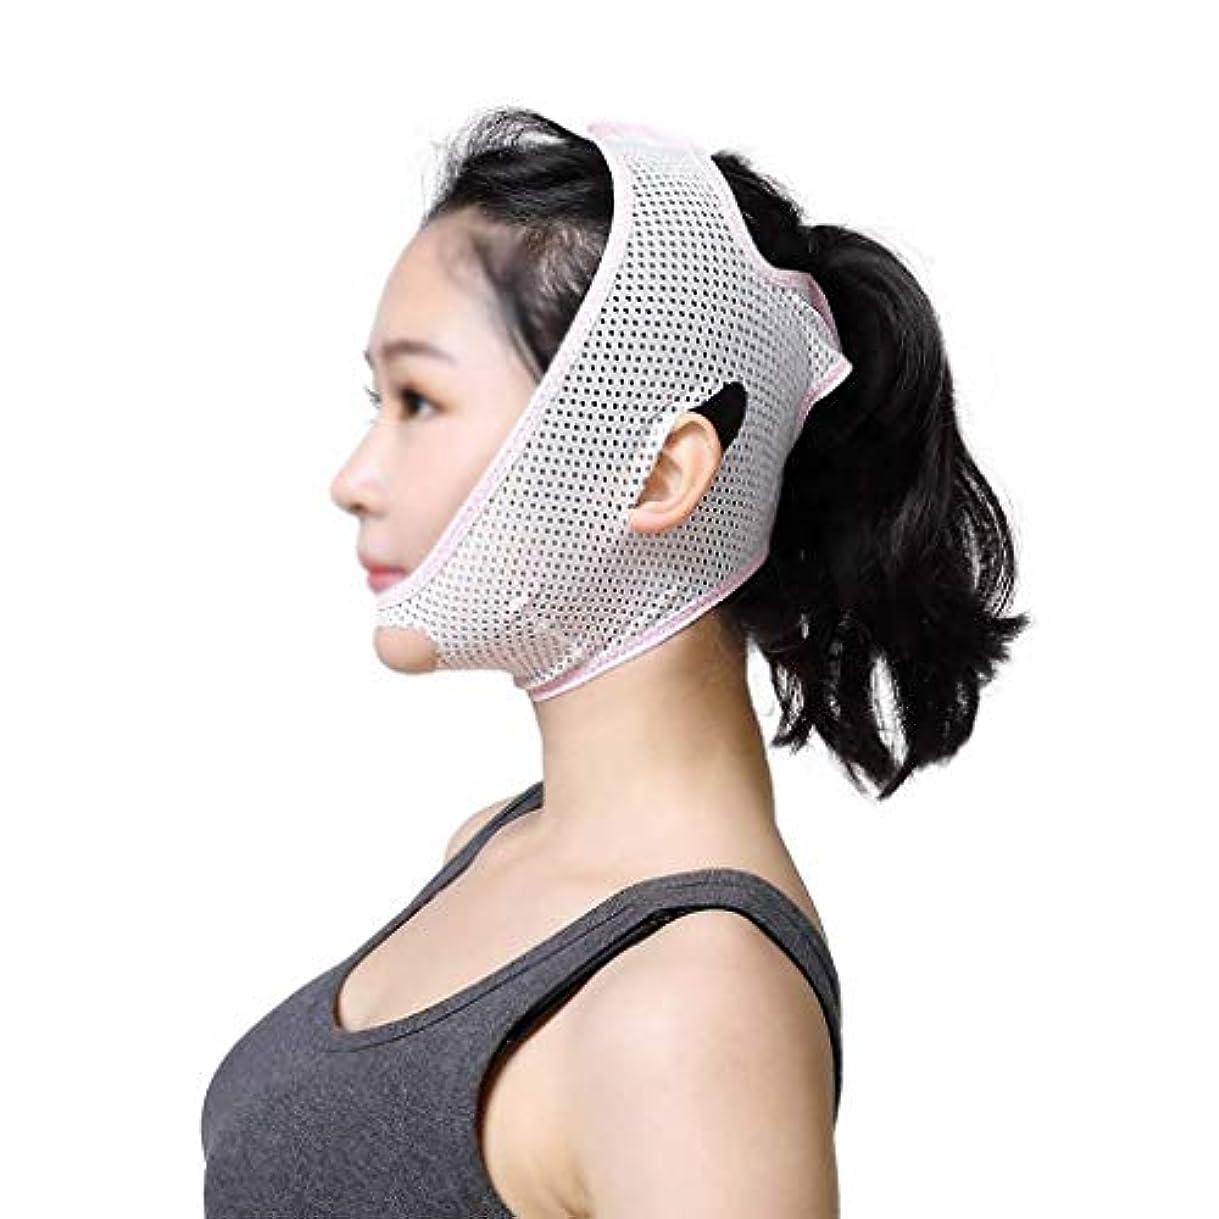 辛な上昇集団的あごのストラップ、二重あごの男性と女性のフェイスリフトフェイシャルへの美しさのマスクでポストフェイス補正を彫る通気性フェイスリフトアーティファクト睡眠包帯ライン(サイズ:M)